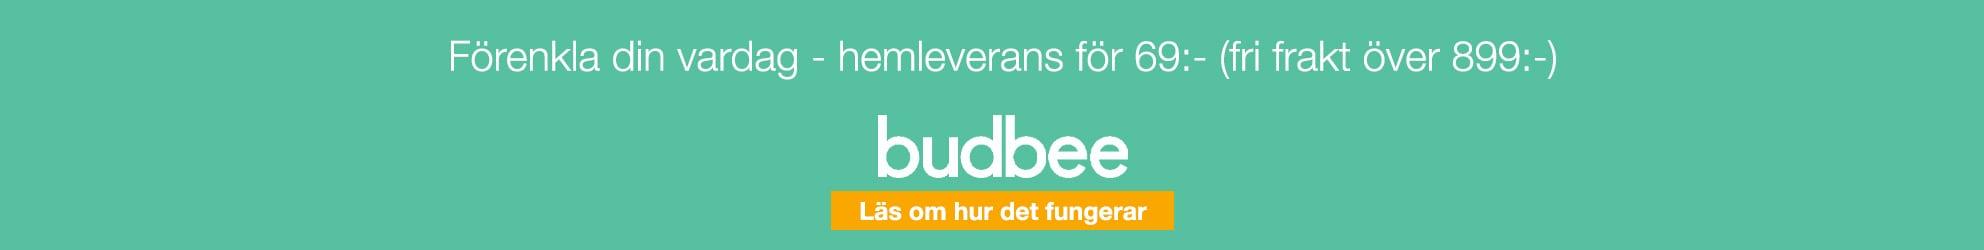 Hemleverans med Budbee